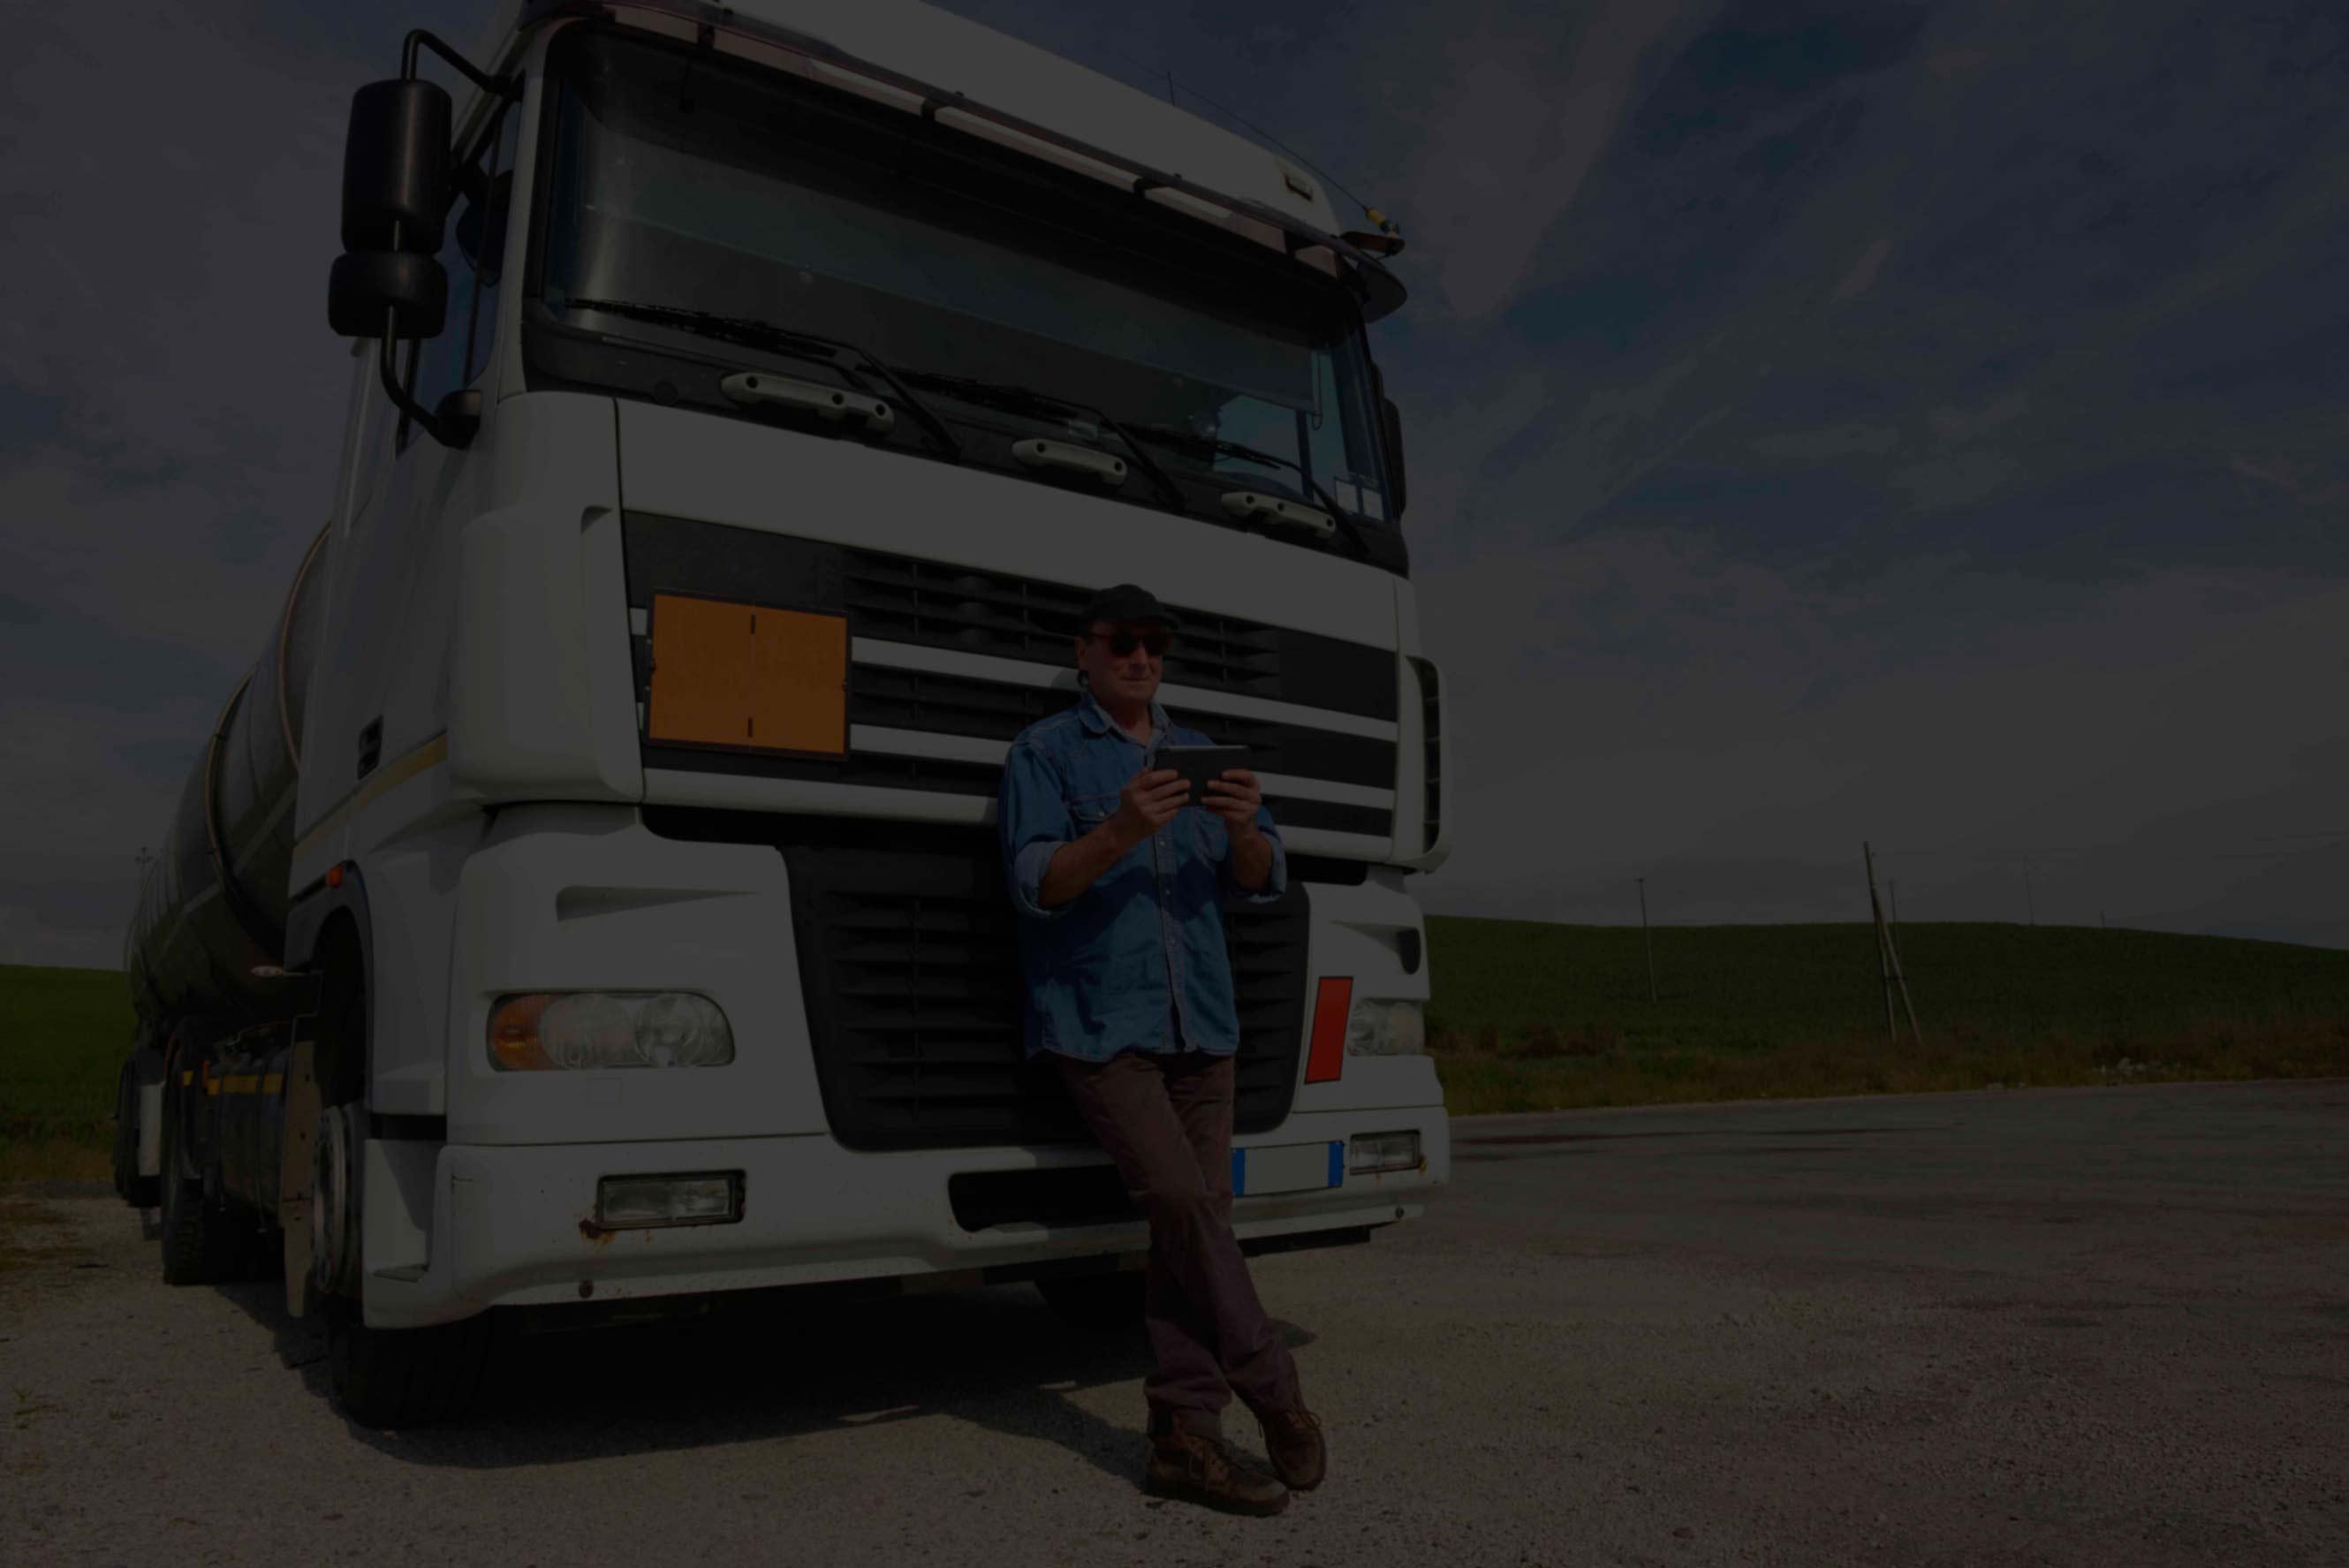 Uma forma inteiramente nova de gerenciar sua transportadora